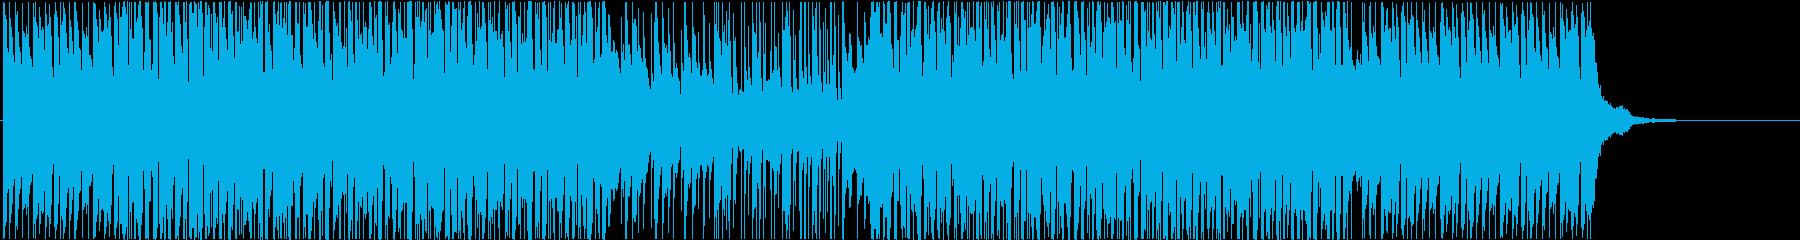 ピアノが特徴のEDM ファンクの再生済みの波形